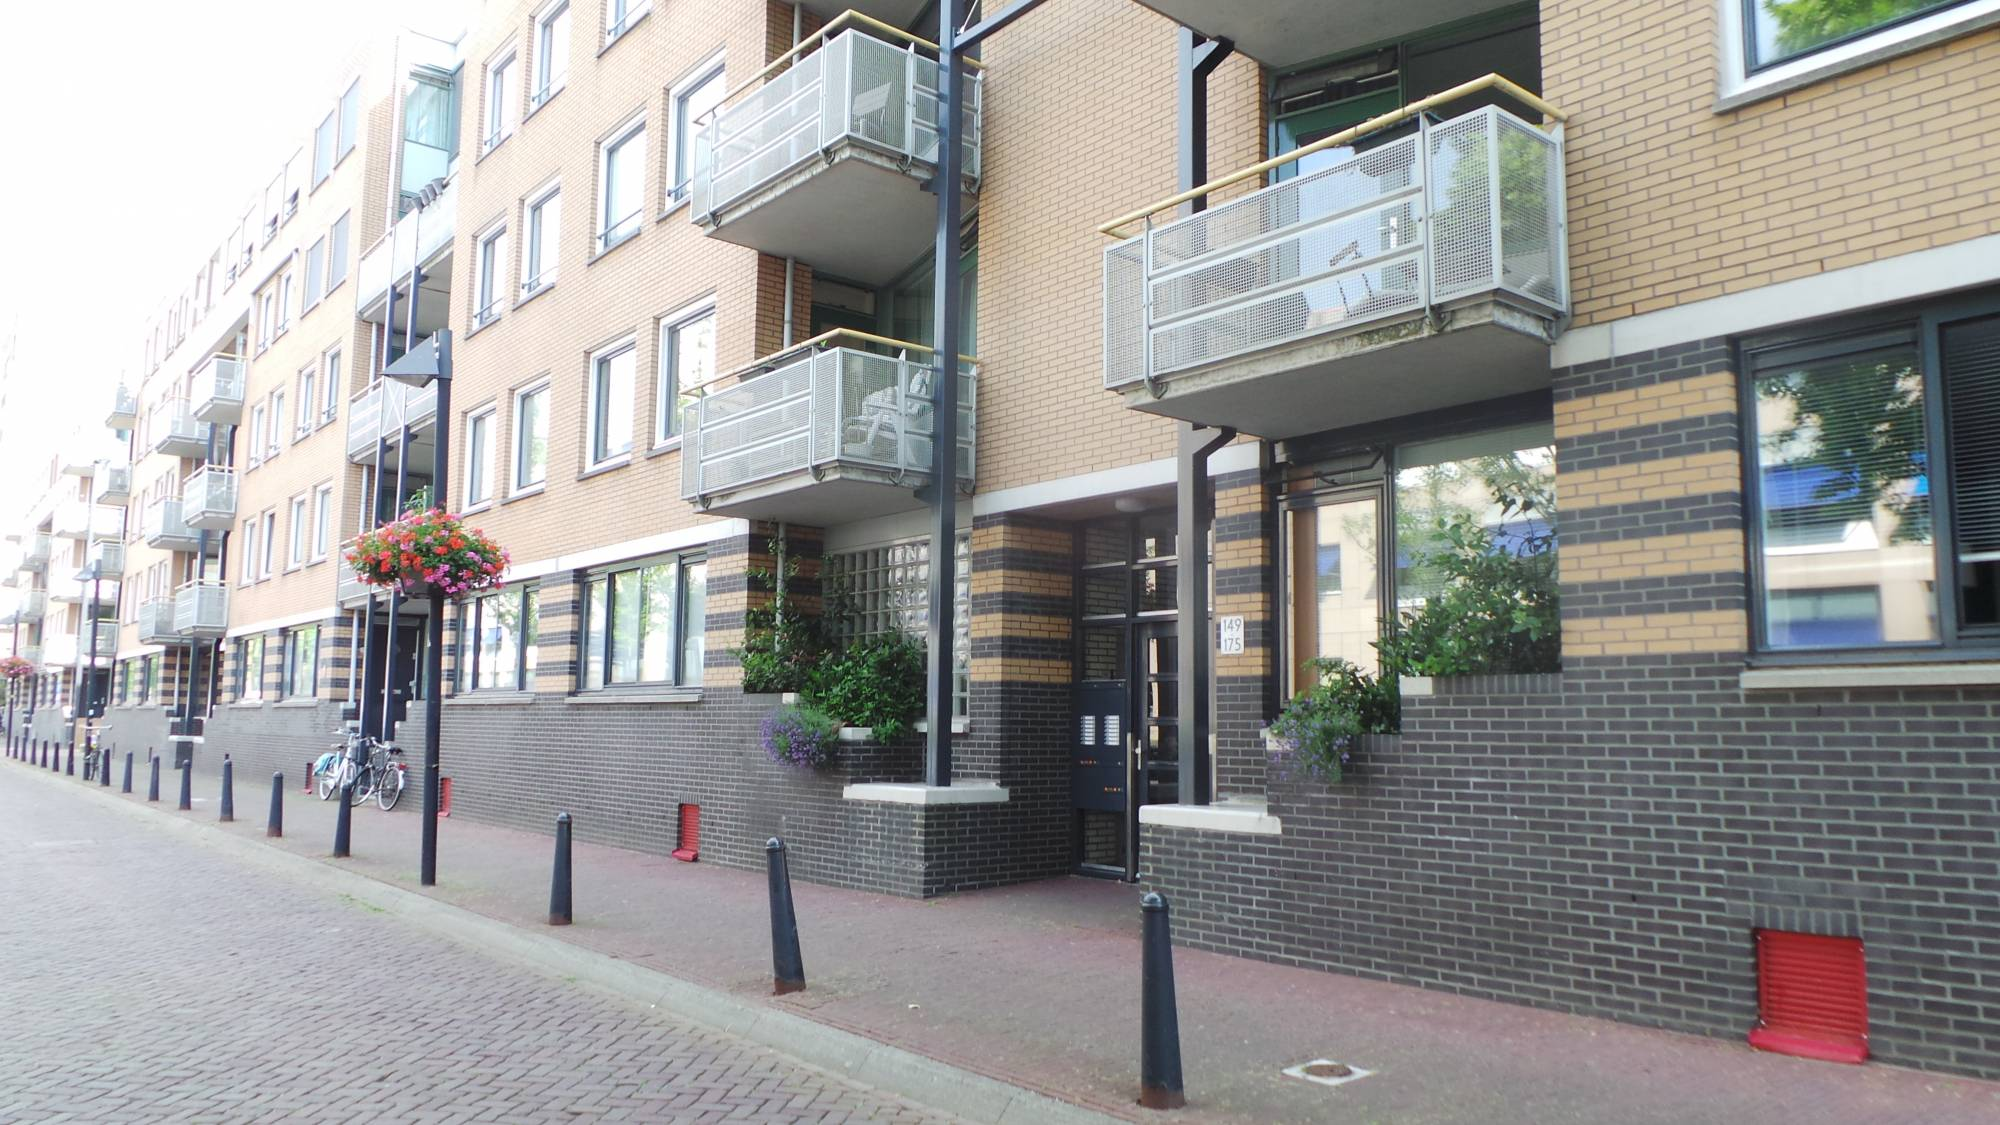 Arthur van Schendelstraat 167